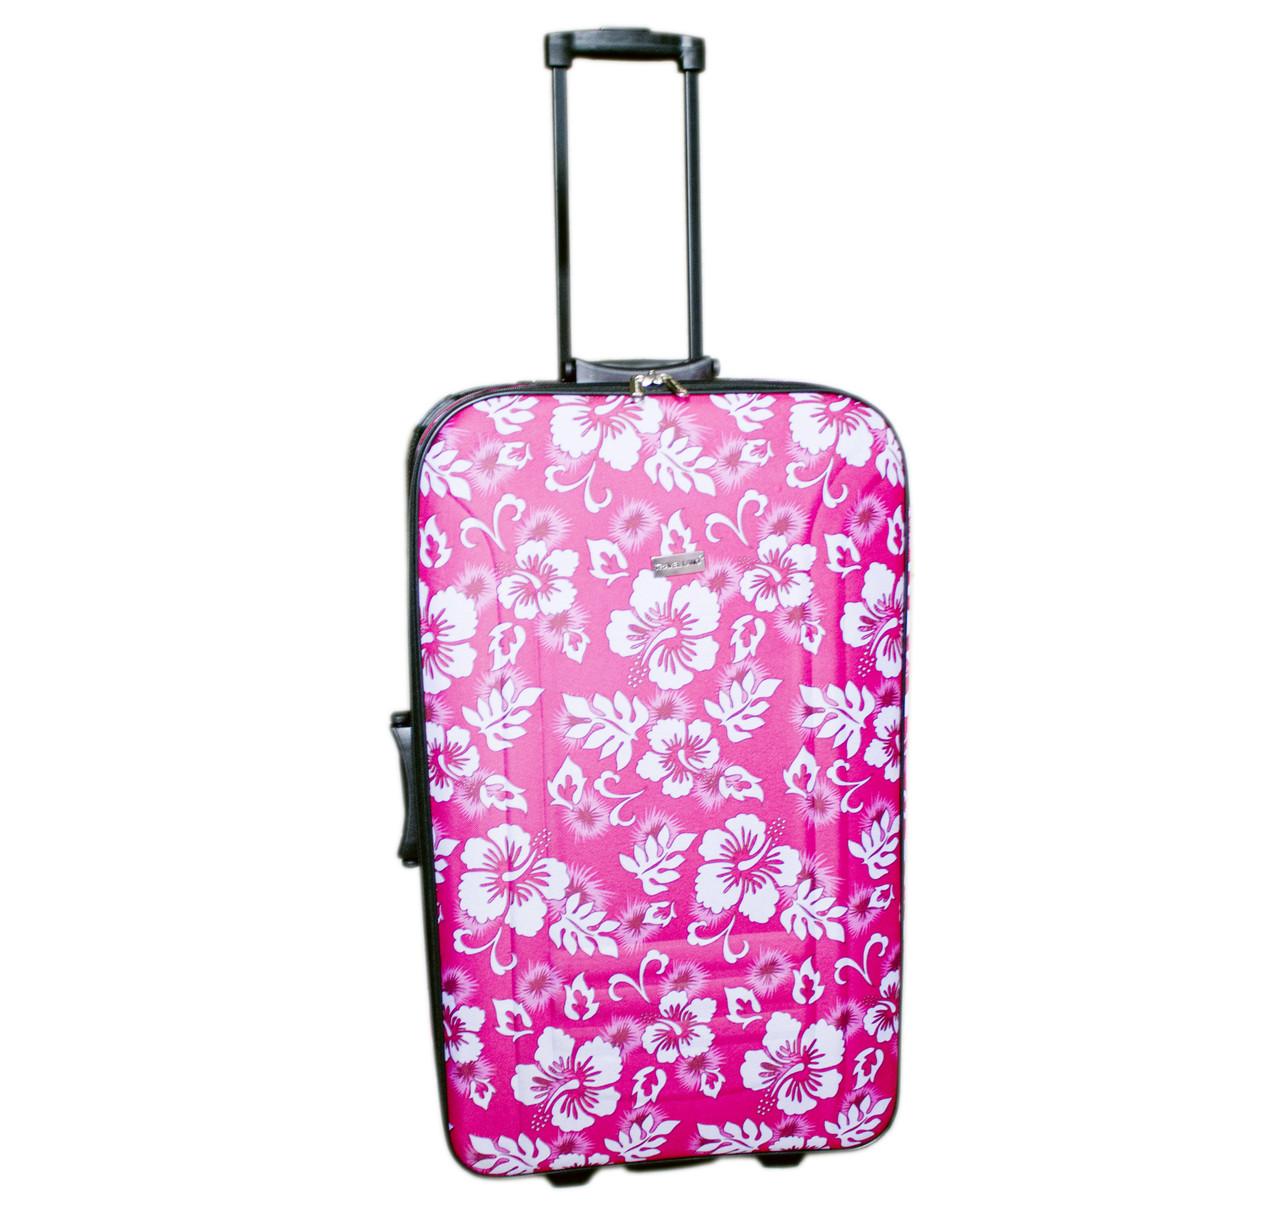 Дорожный чемодан 2 колеса (средний) розовый с цветами, артикул: 12126-680